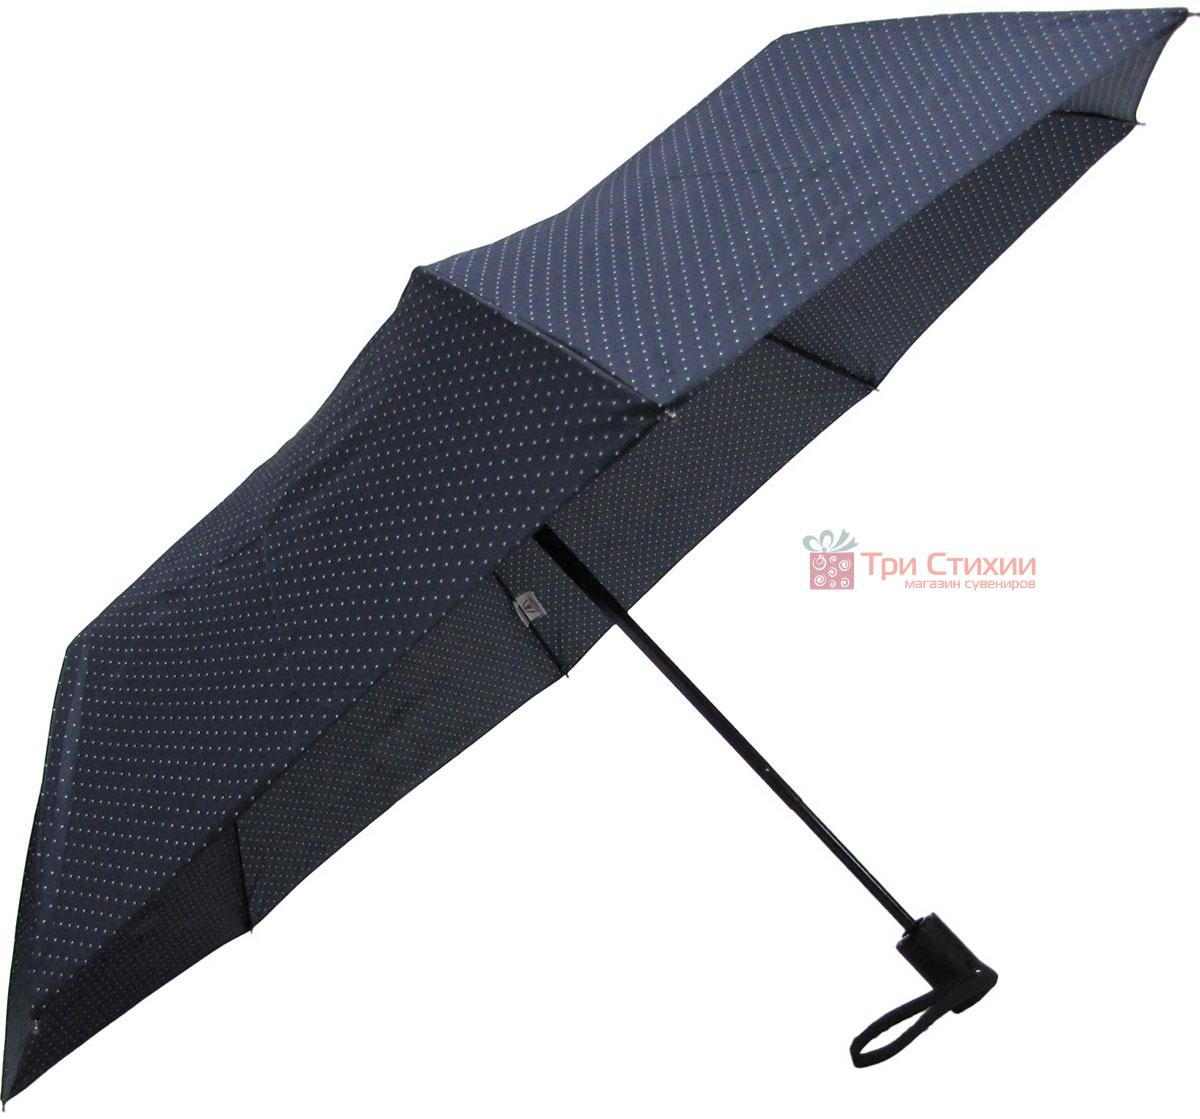 Зонт складной Doppler Carbonsteel 744865DT02 автомат Синий, фото 3